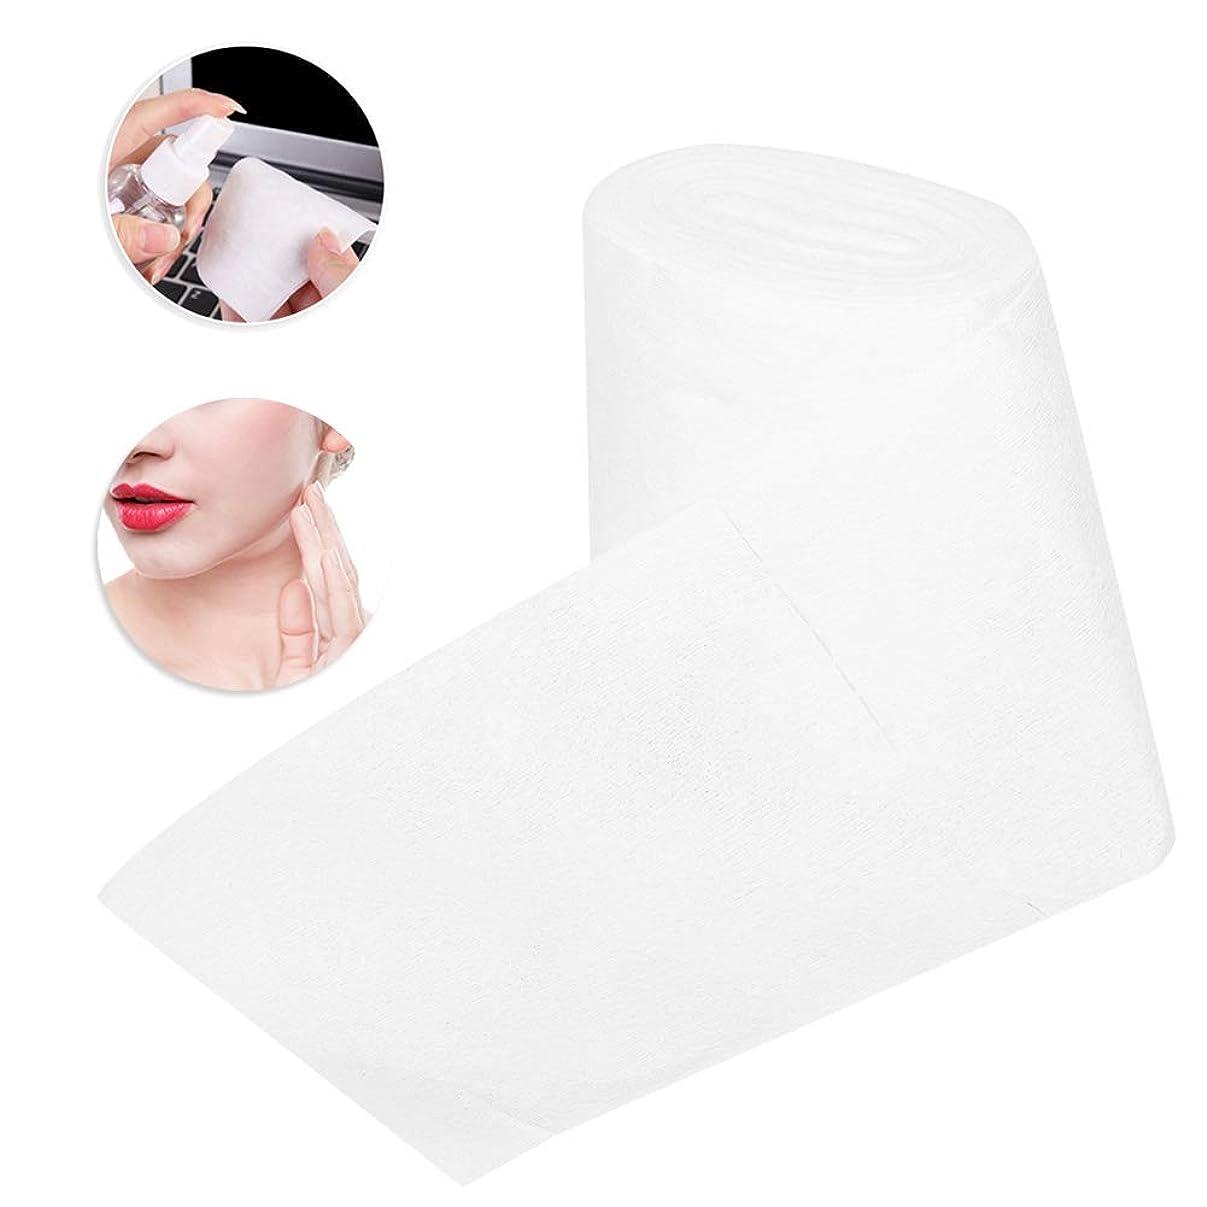 ベッツィトロットウッドカフェテリアグラディス不織布 使い捨てタオル メイクアップはクレンジングフェイシャルメイクアップ除去のための綿パッドを拭きます、しっとりと乾燥することができます